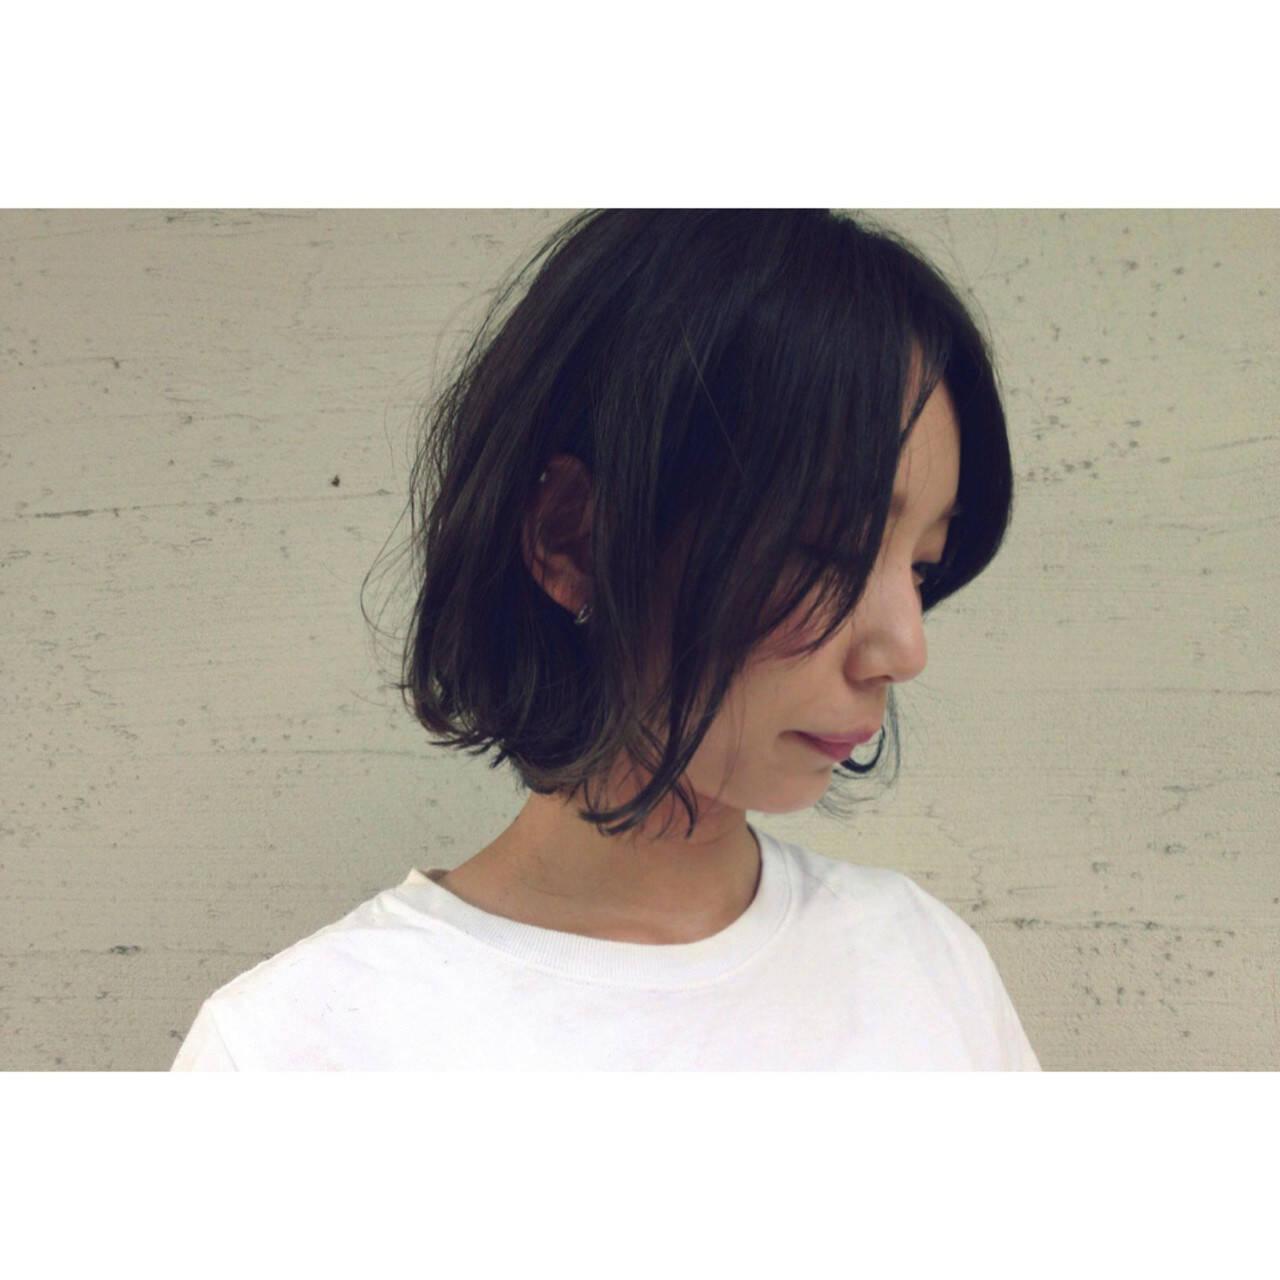 ナチュラル 暗髪 色気 ゆるふわヘアスタイルや髪型の写真・画像